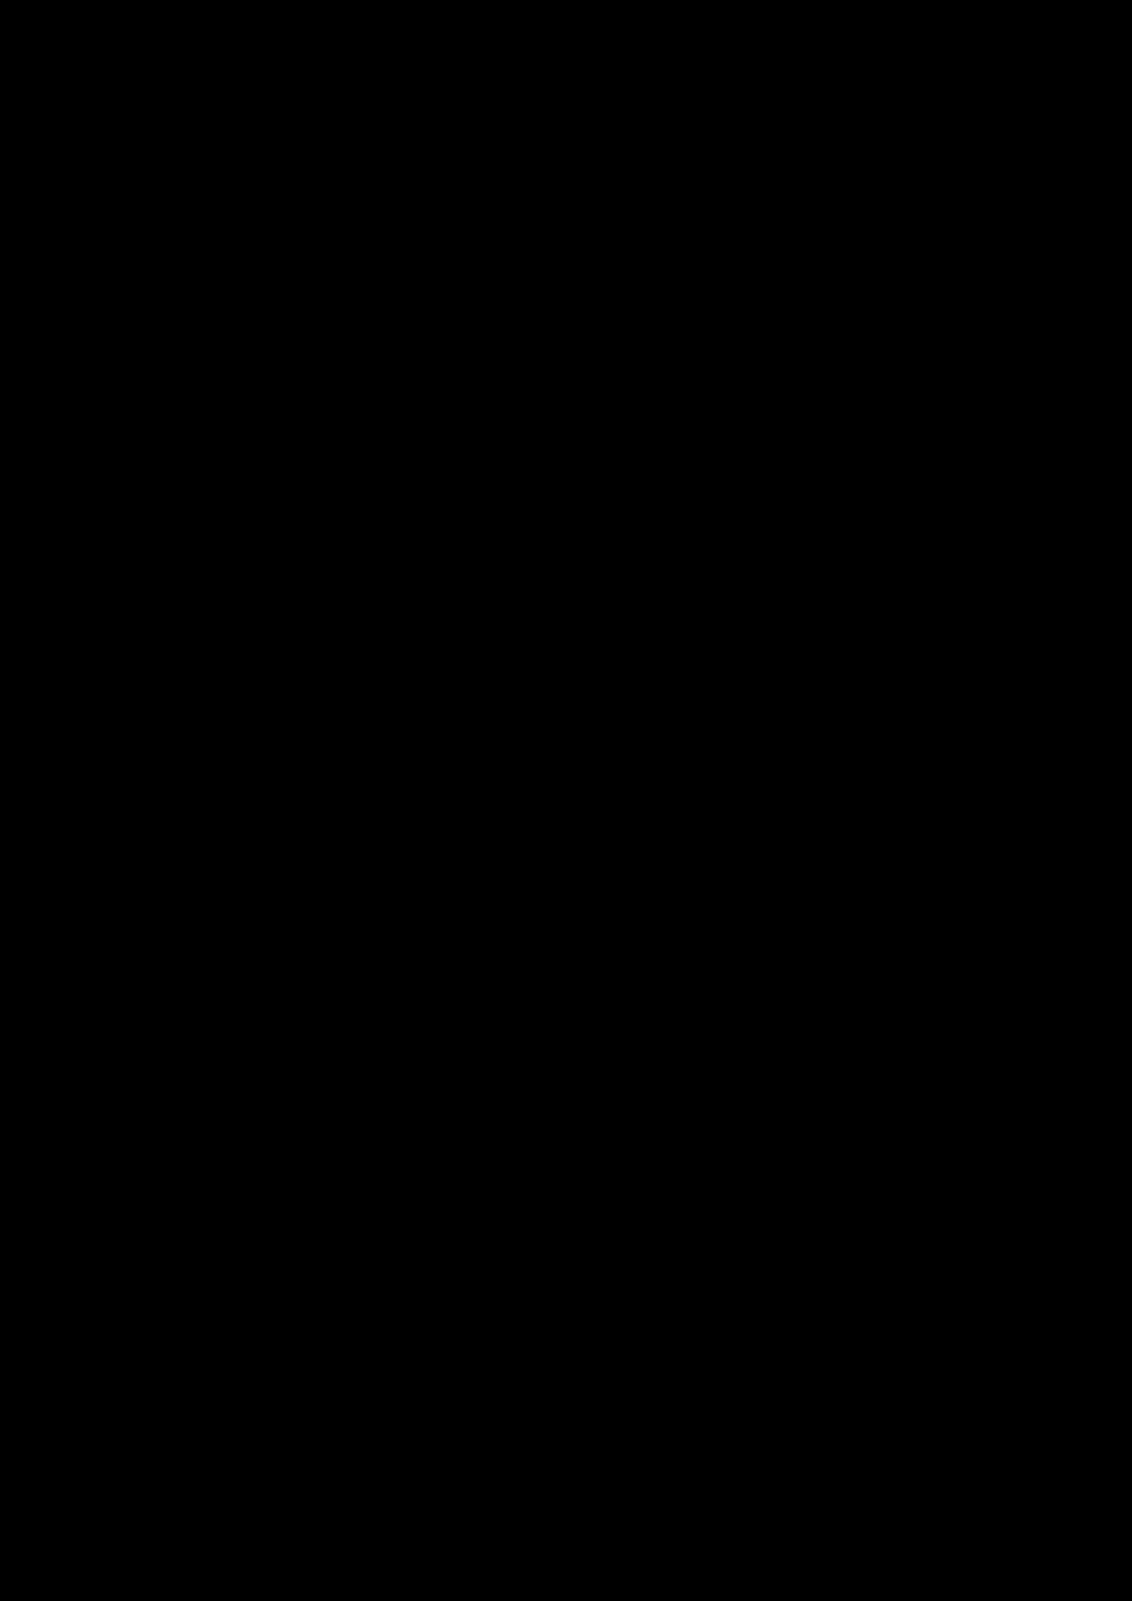 Zagadka volshebnoy stranyi slide, Image 34